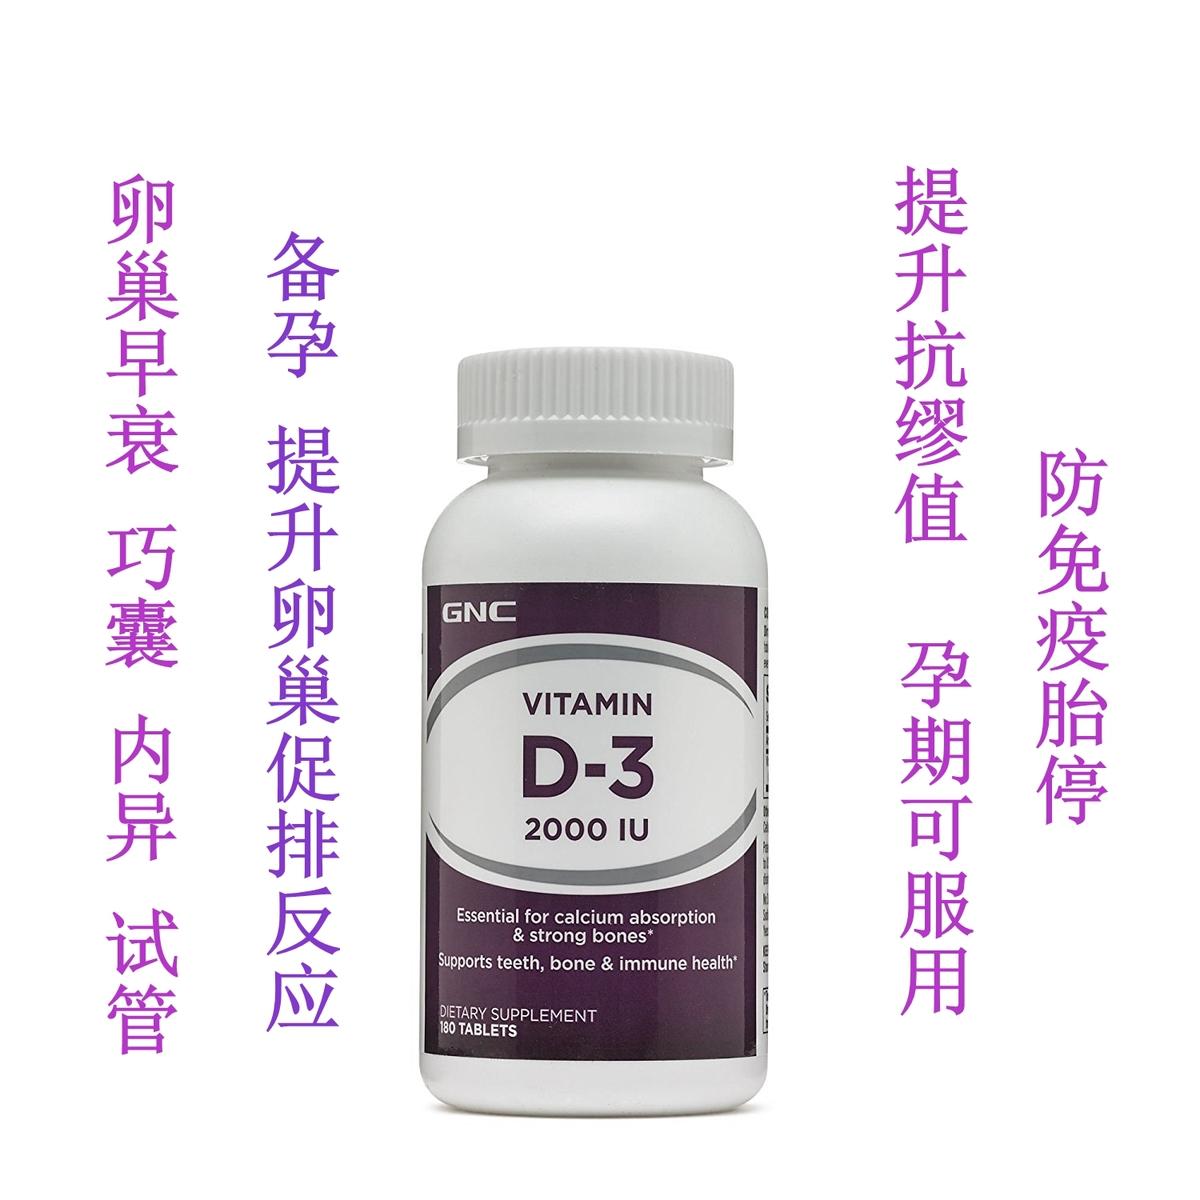 Витамин VD3 Соединенные Штаты GNC Витамин D3 2000IU Эндометриальная капсула AMH Нижняя 180 капсул Таблетки